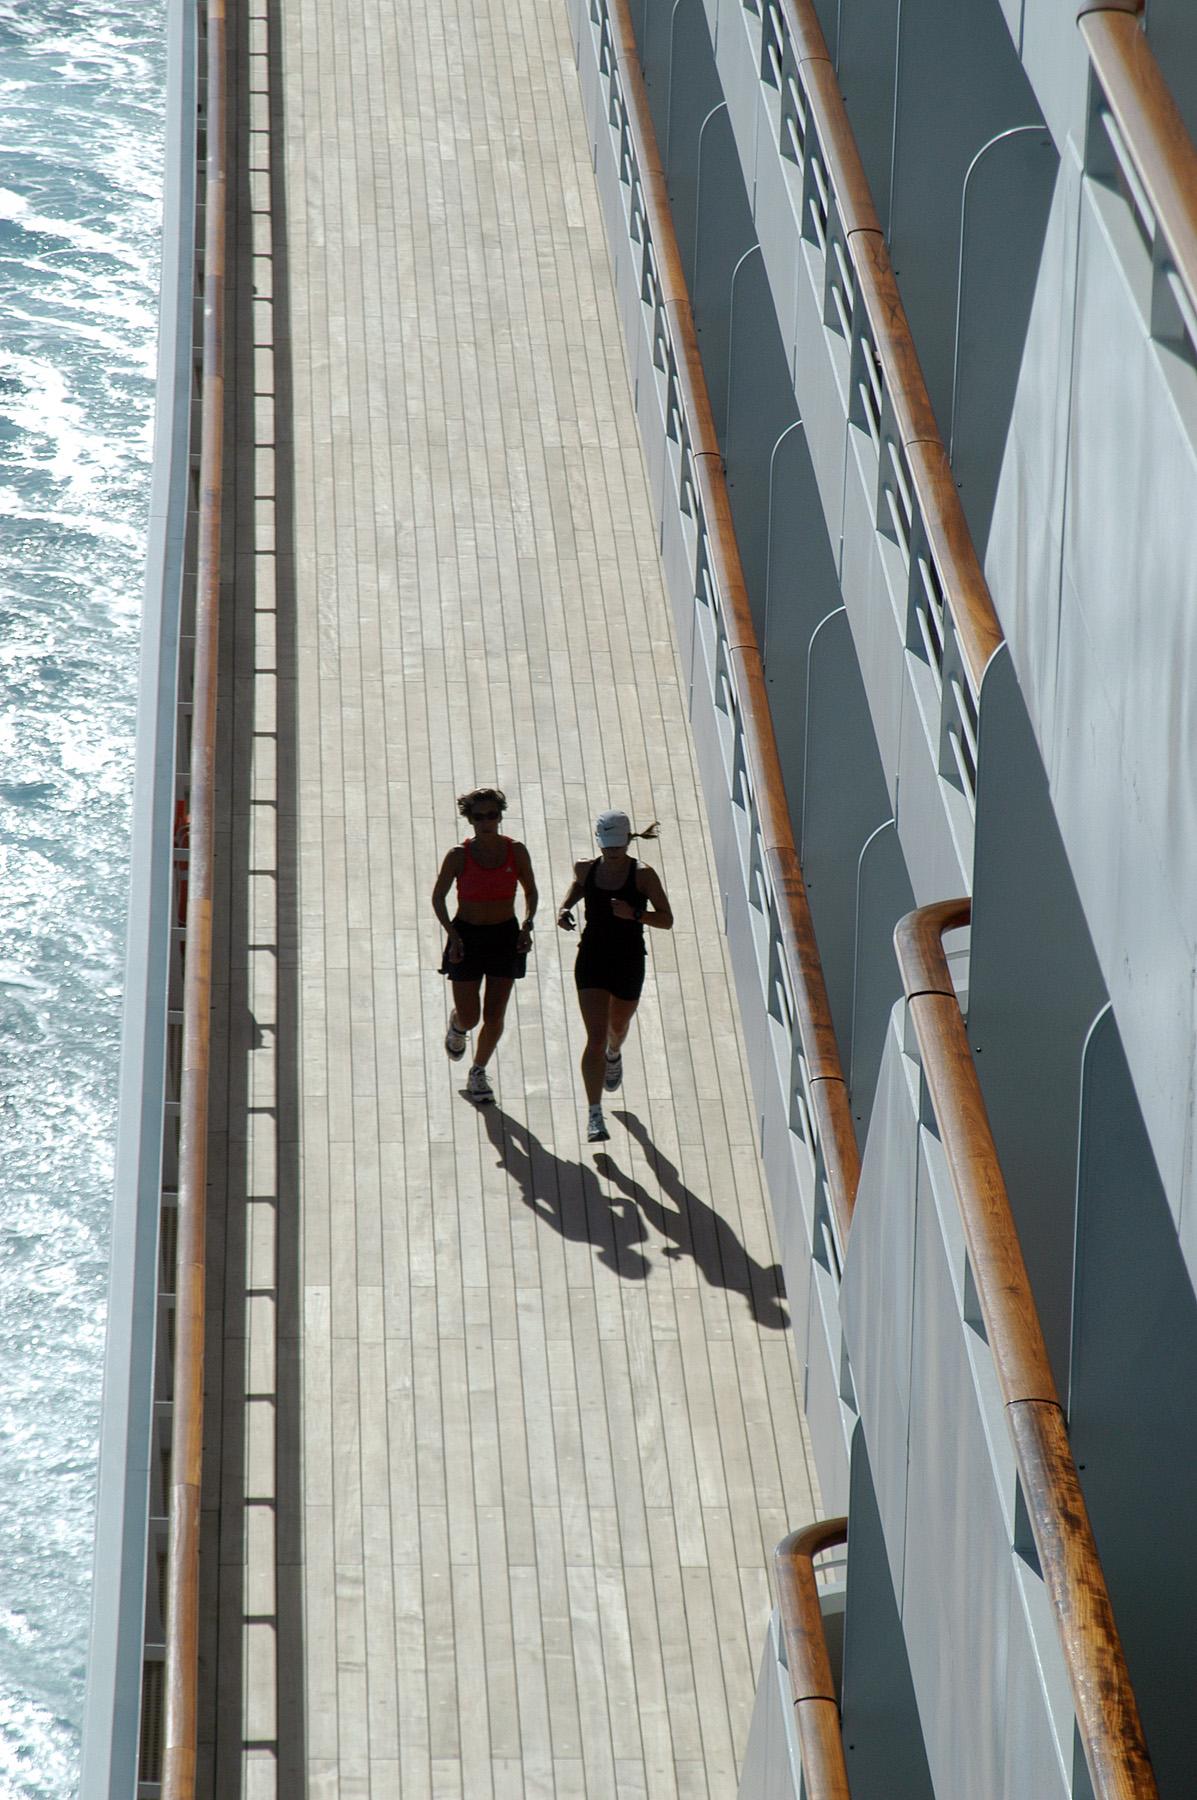 Crystal Serenity - Jogging Deck